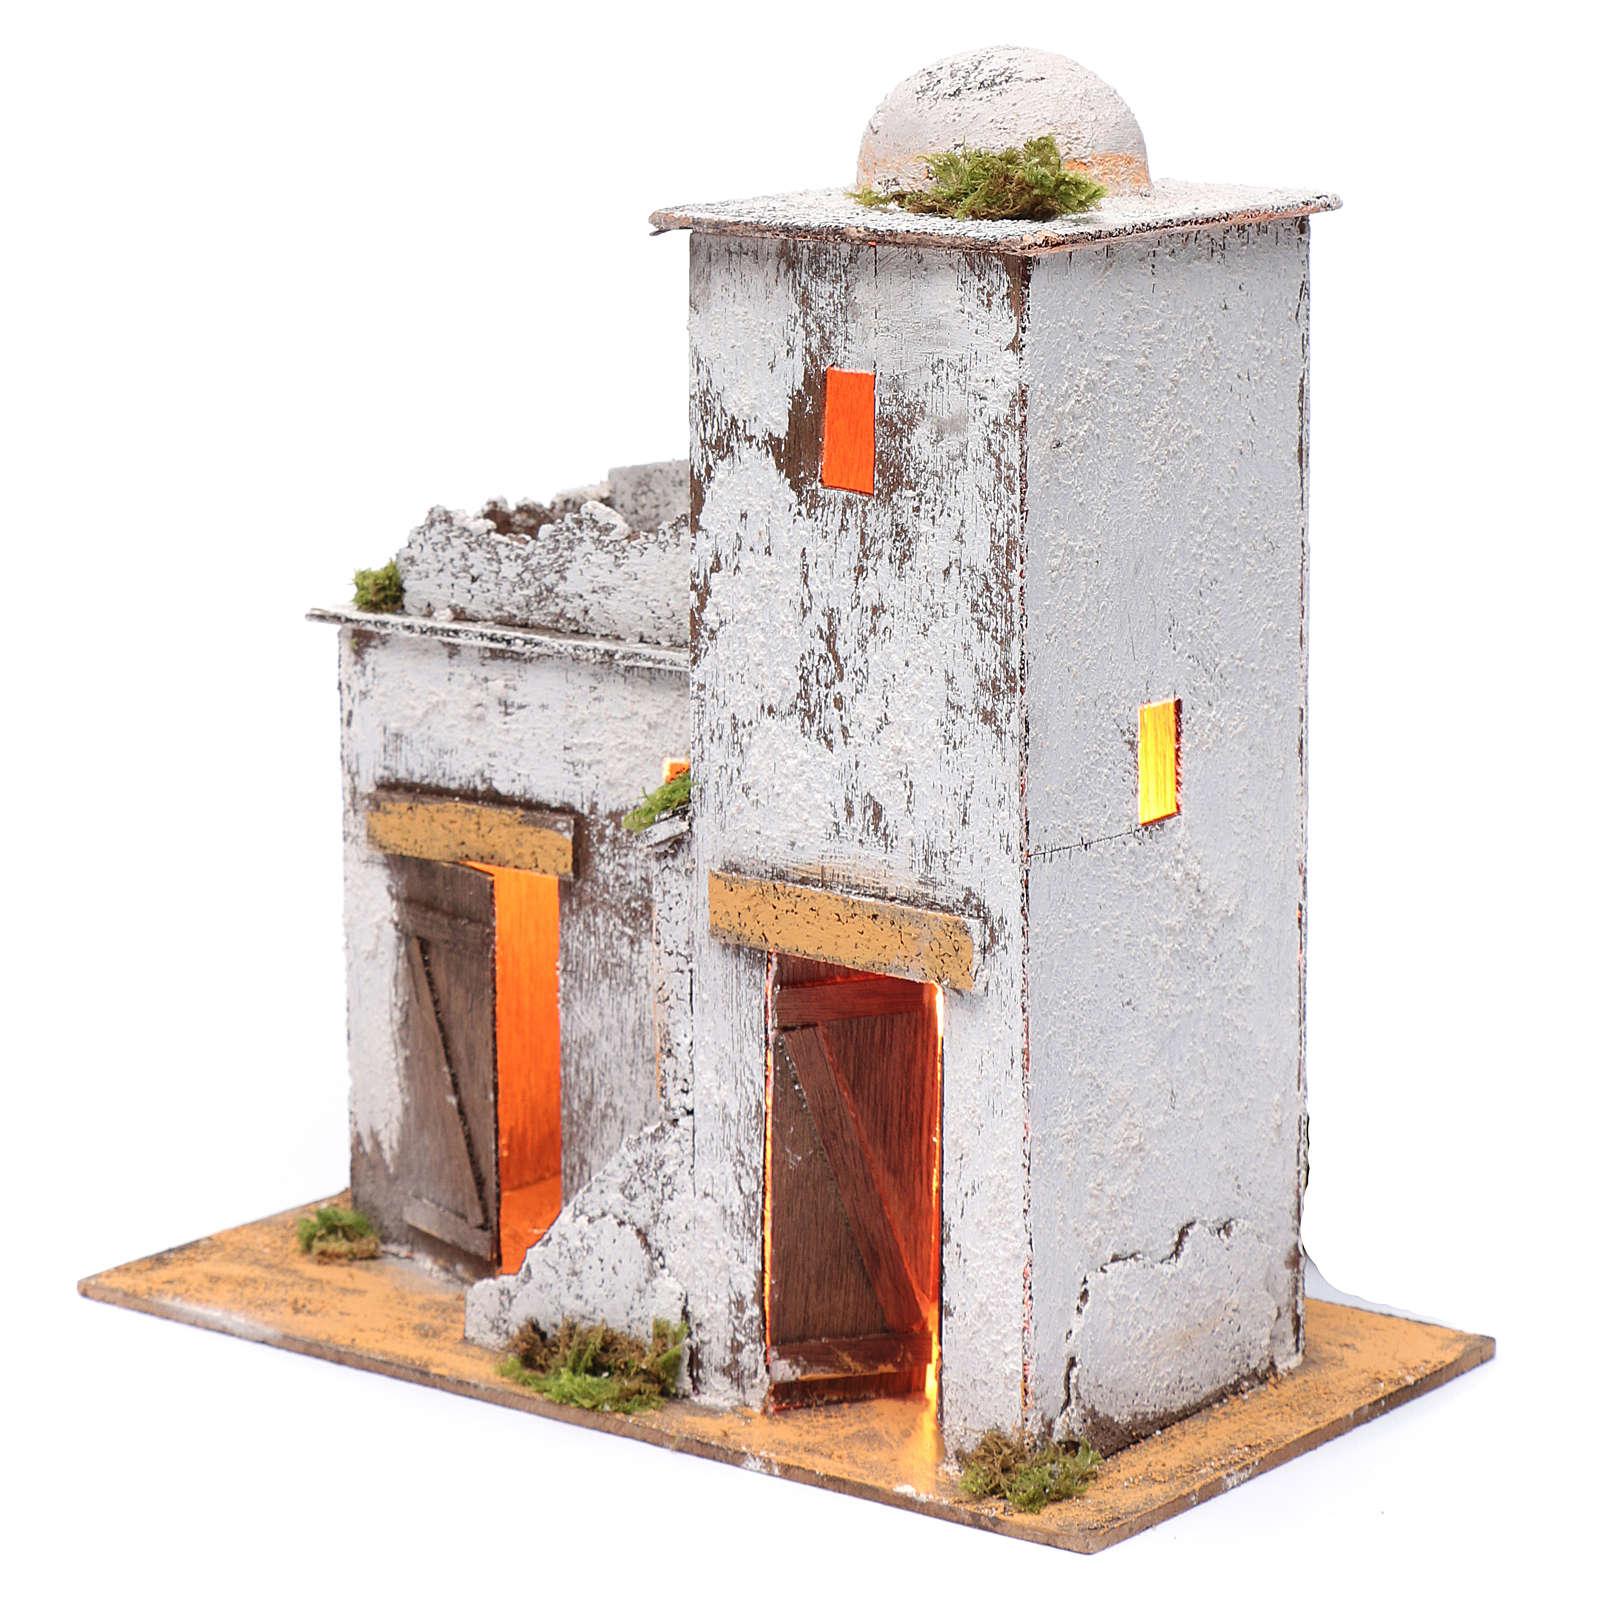 Casa árabe 35 x 35 x 20 cm luz y portas de madera 4